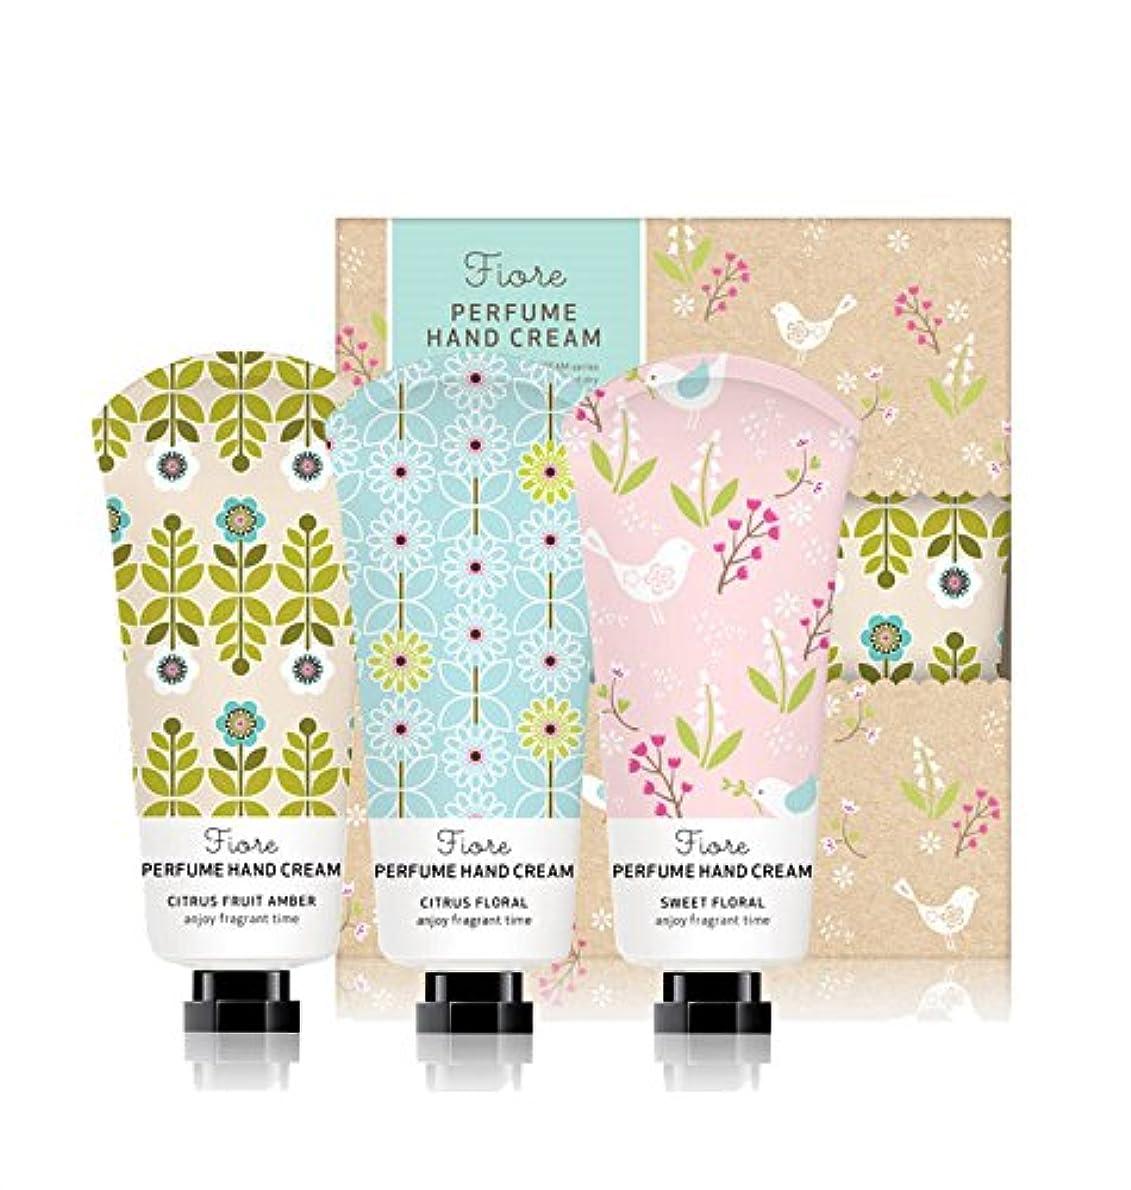 思われるレンドロゴ[Fiore★ギフト用紙袋贈呈] パフュームハンドクリーム?スペシャルセット 60g x 3個セット / Perfume Hand Cream Specail Set